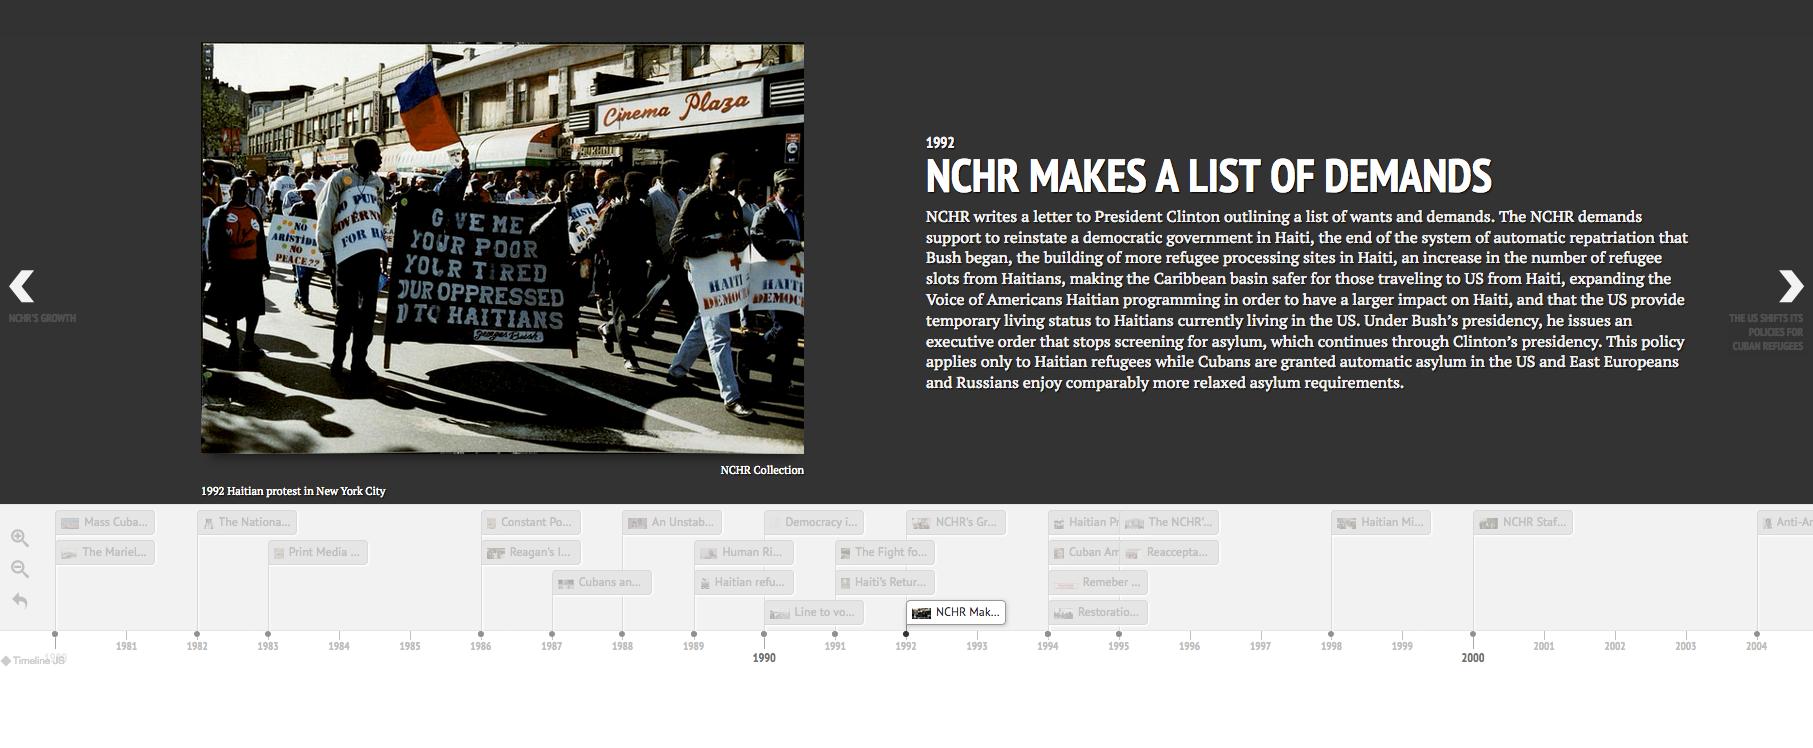 NCHR Timeline